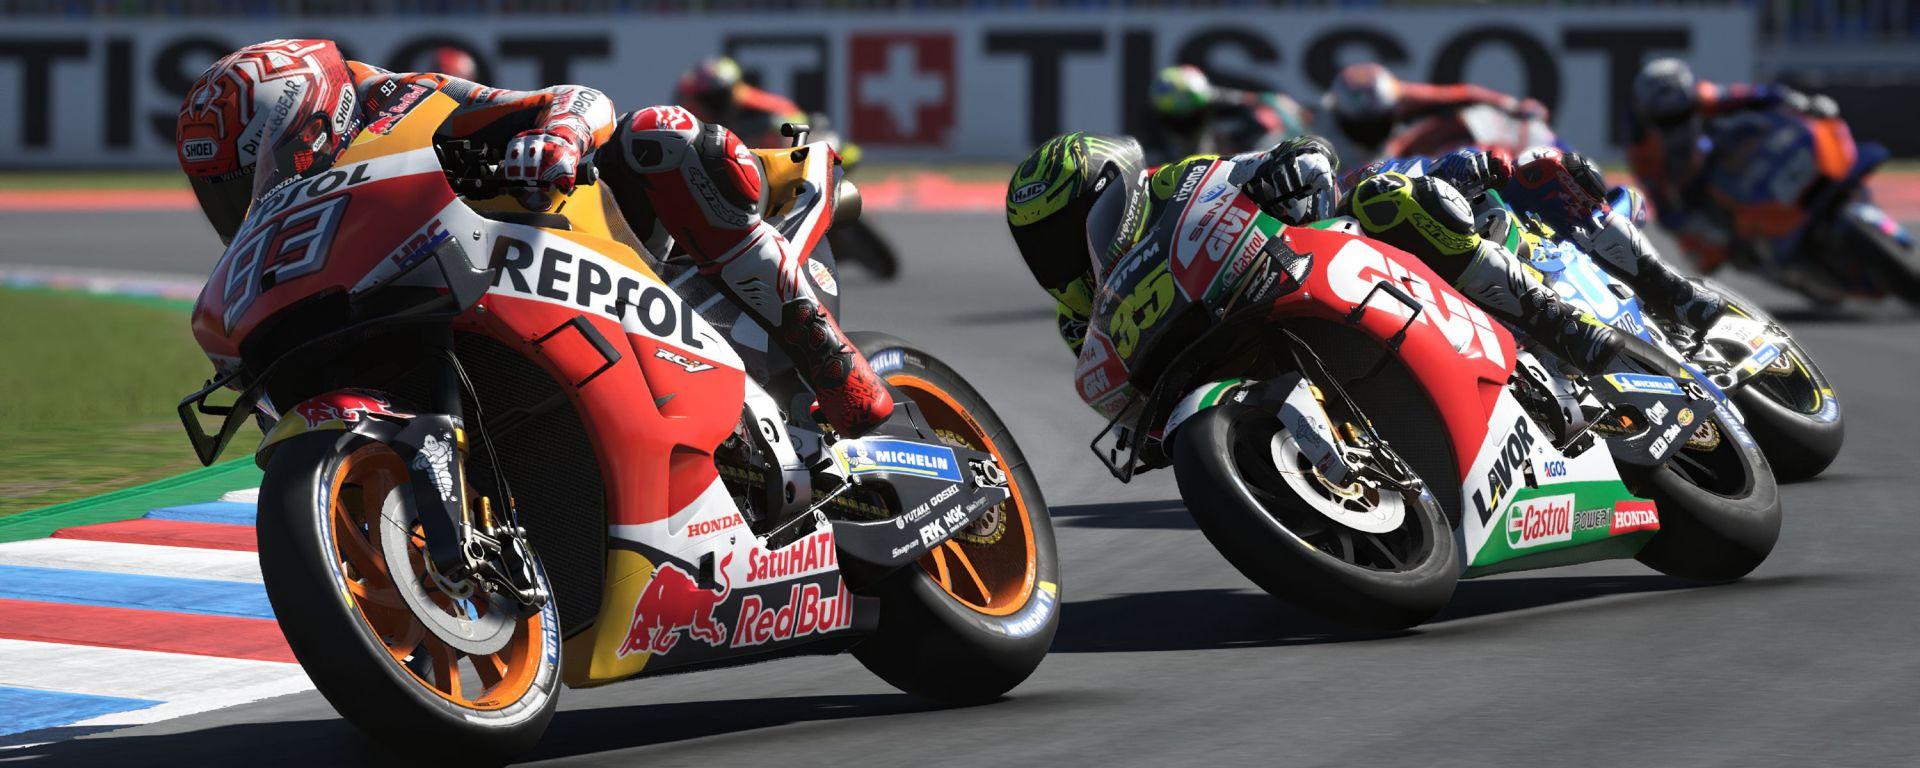 MotoGP 20, il videogame ufficiale